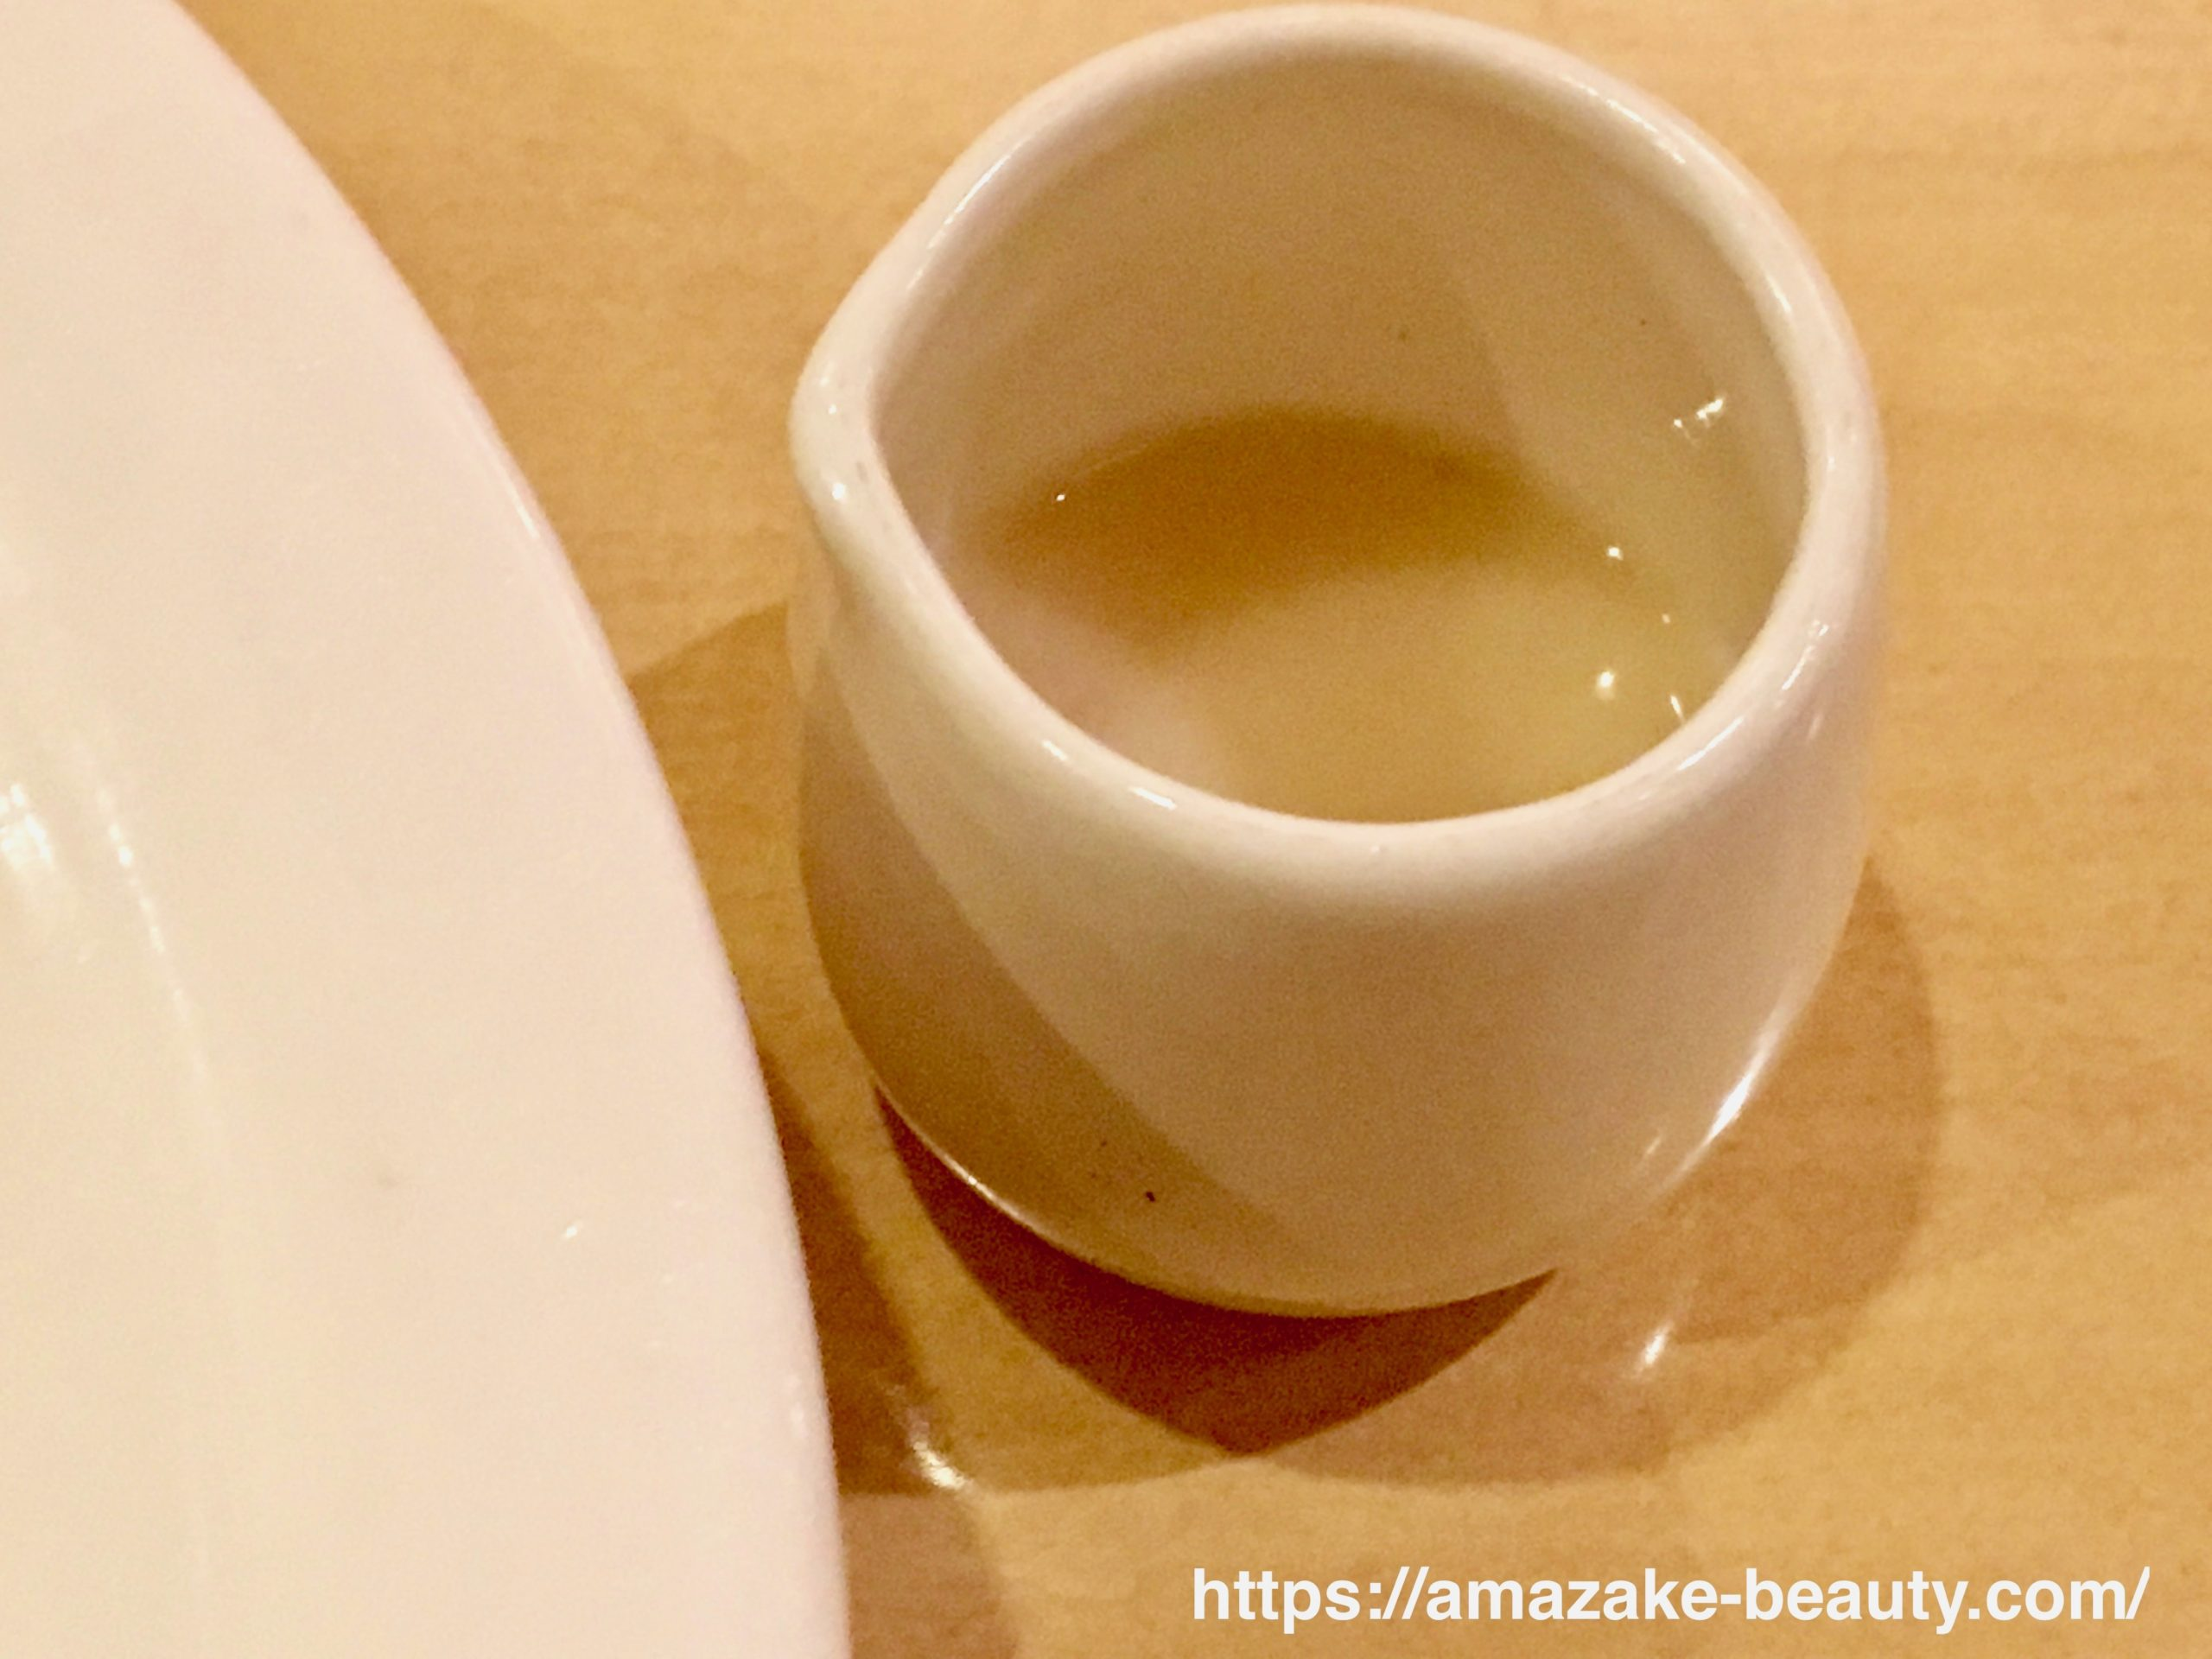 【甘酒喫茶】ジョナサン『森永製菓(甘酒コラボ)』(スノーアイス 甘酒香るマスカルポーネクリーム)